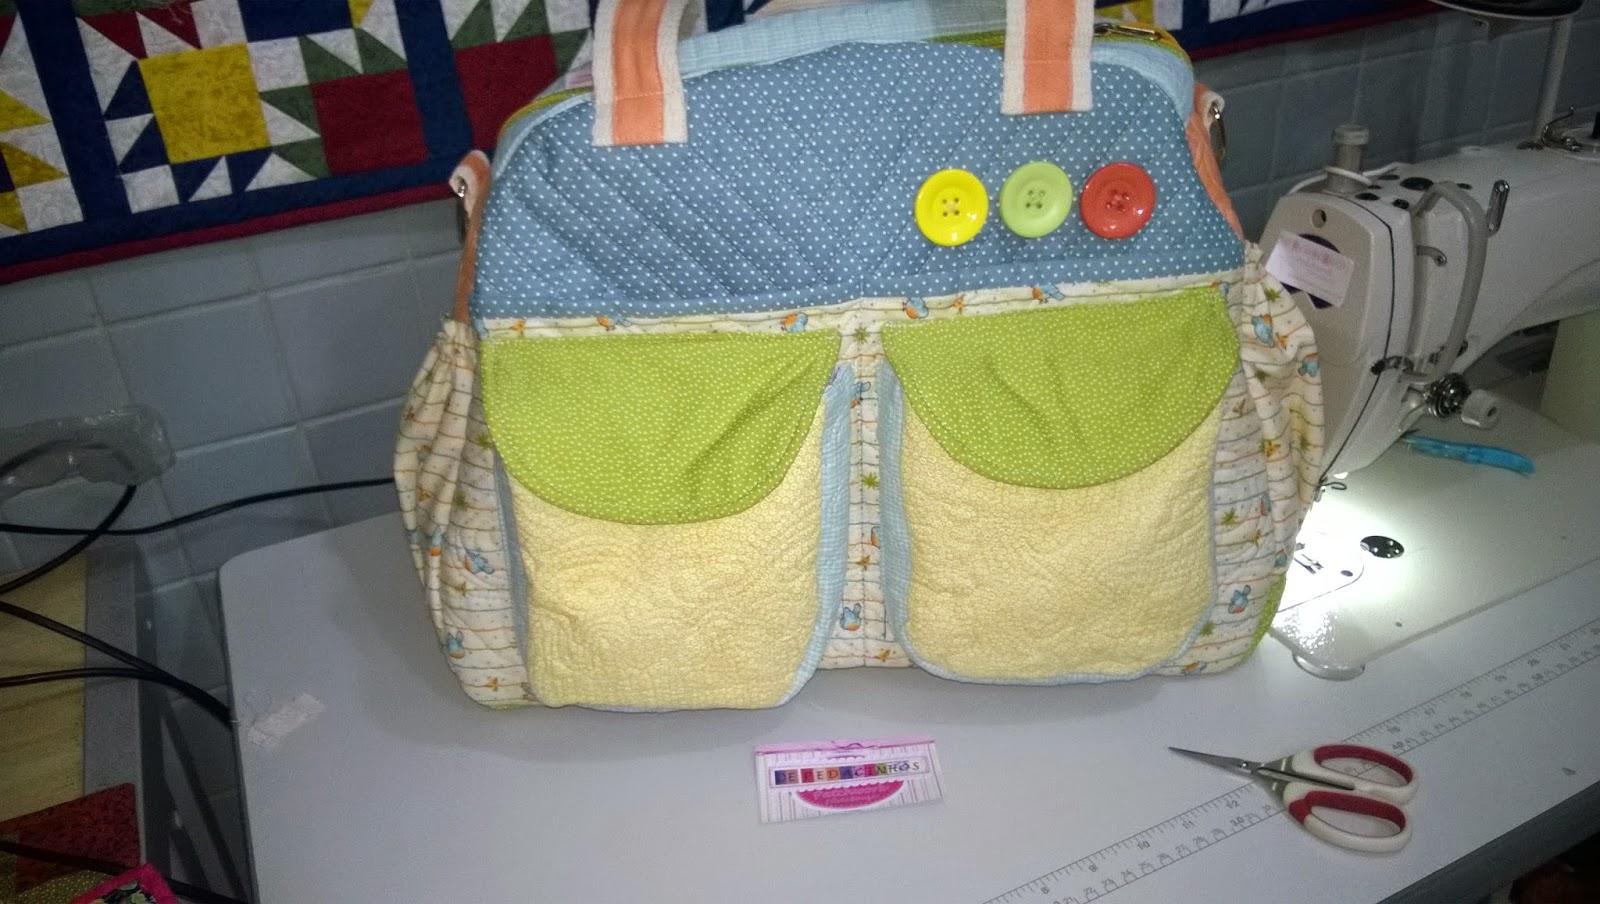 Mamãe precisa de muitos bolsos. Só na frente resolvi fazer 4 bolsos. Assim  a mamãe usa única bolsa os bolsos externo dá pra colocar os documentos ... 082e1f3d14f